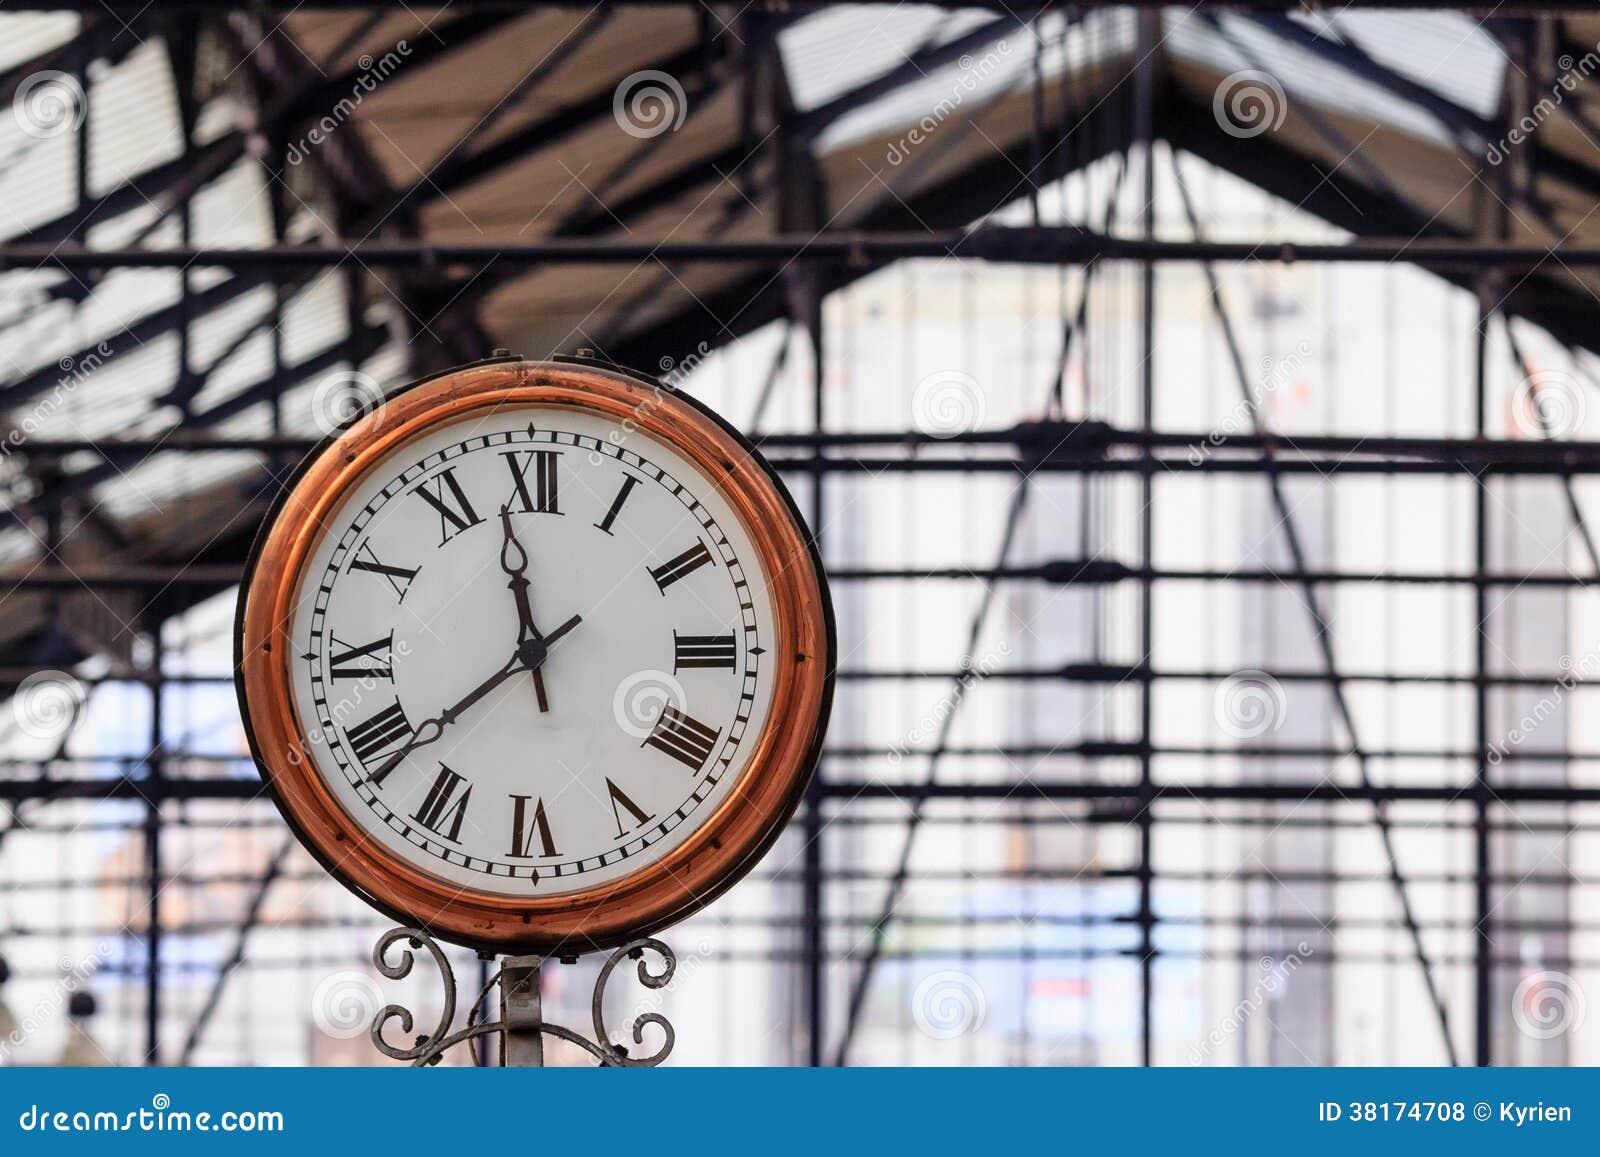 Orologio classico in una stazione della metropolitana for Orologio da stazione